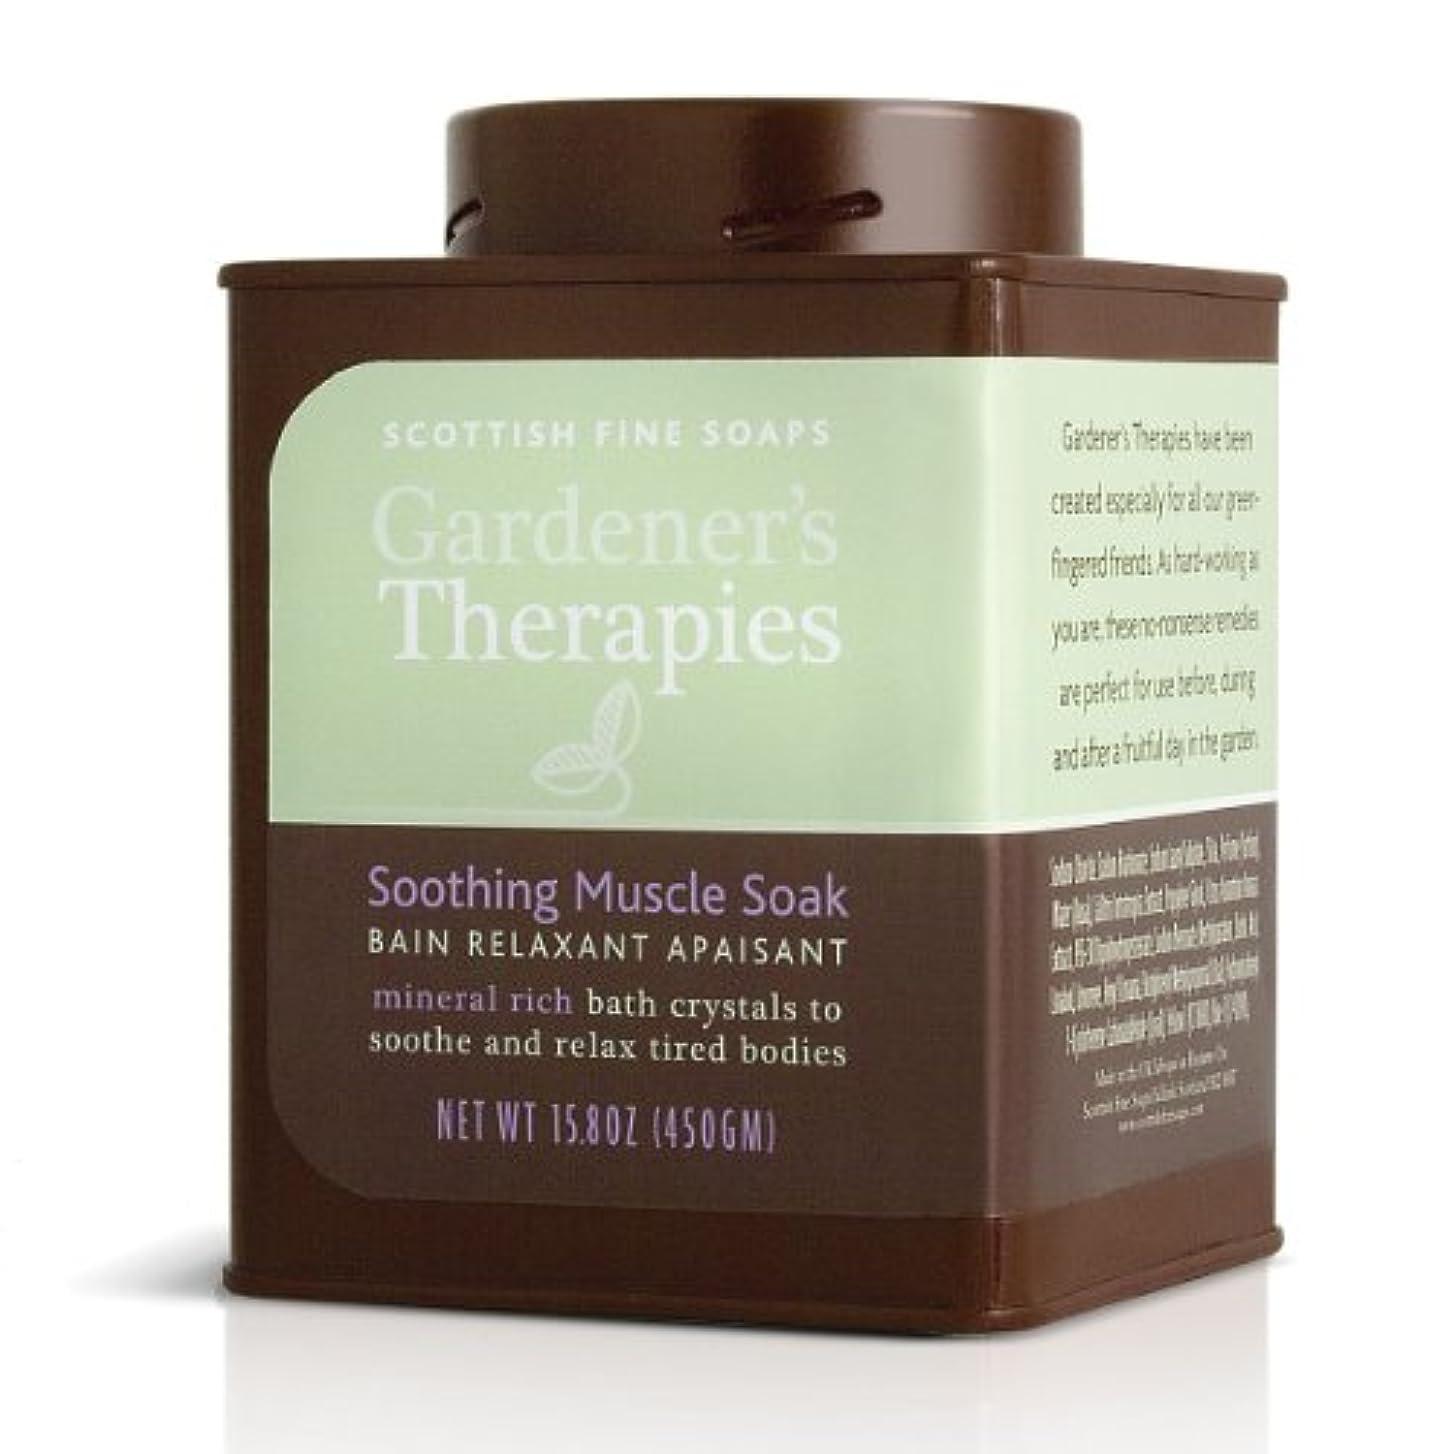 伝統的スロベニア公演SCOTTISH FINE SOAPS(スコティッシュファインソープ) Gardener's Therapies(ガーデンセラピーシリーズ) リラクシングバスパウダー 500g 5016365005548